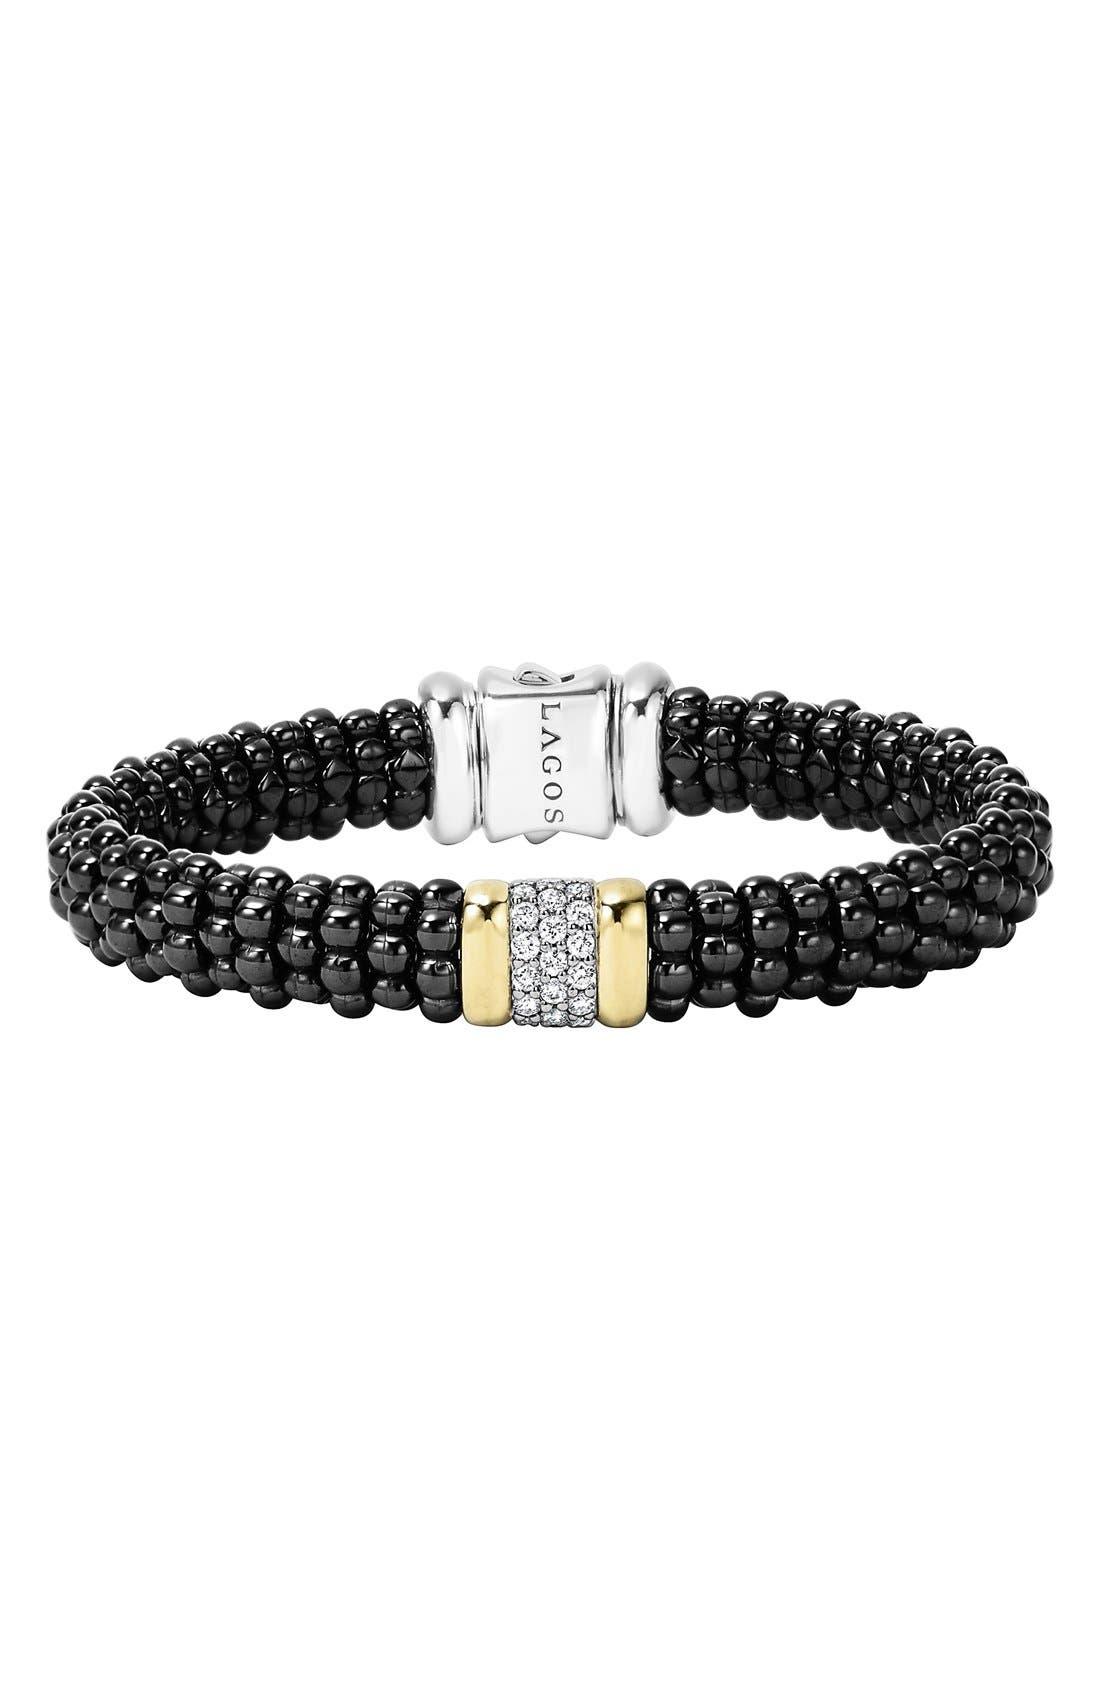 'Black Caviar' Diamond Rope Bracelet,                             Main thumbnail 1, color,                             BLACK CAVIAR/ GOLD